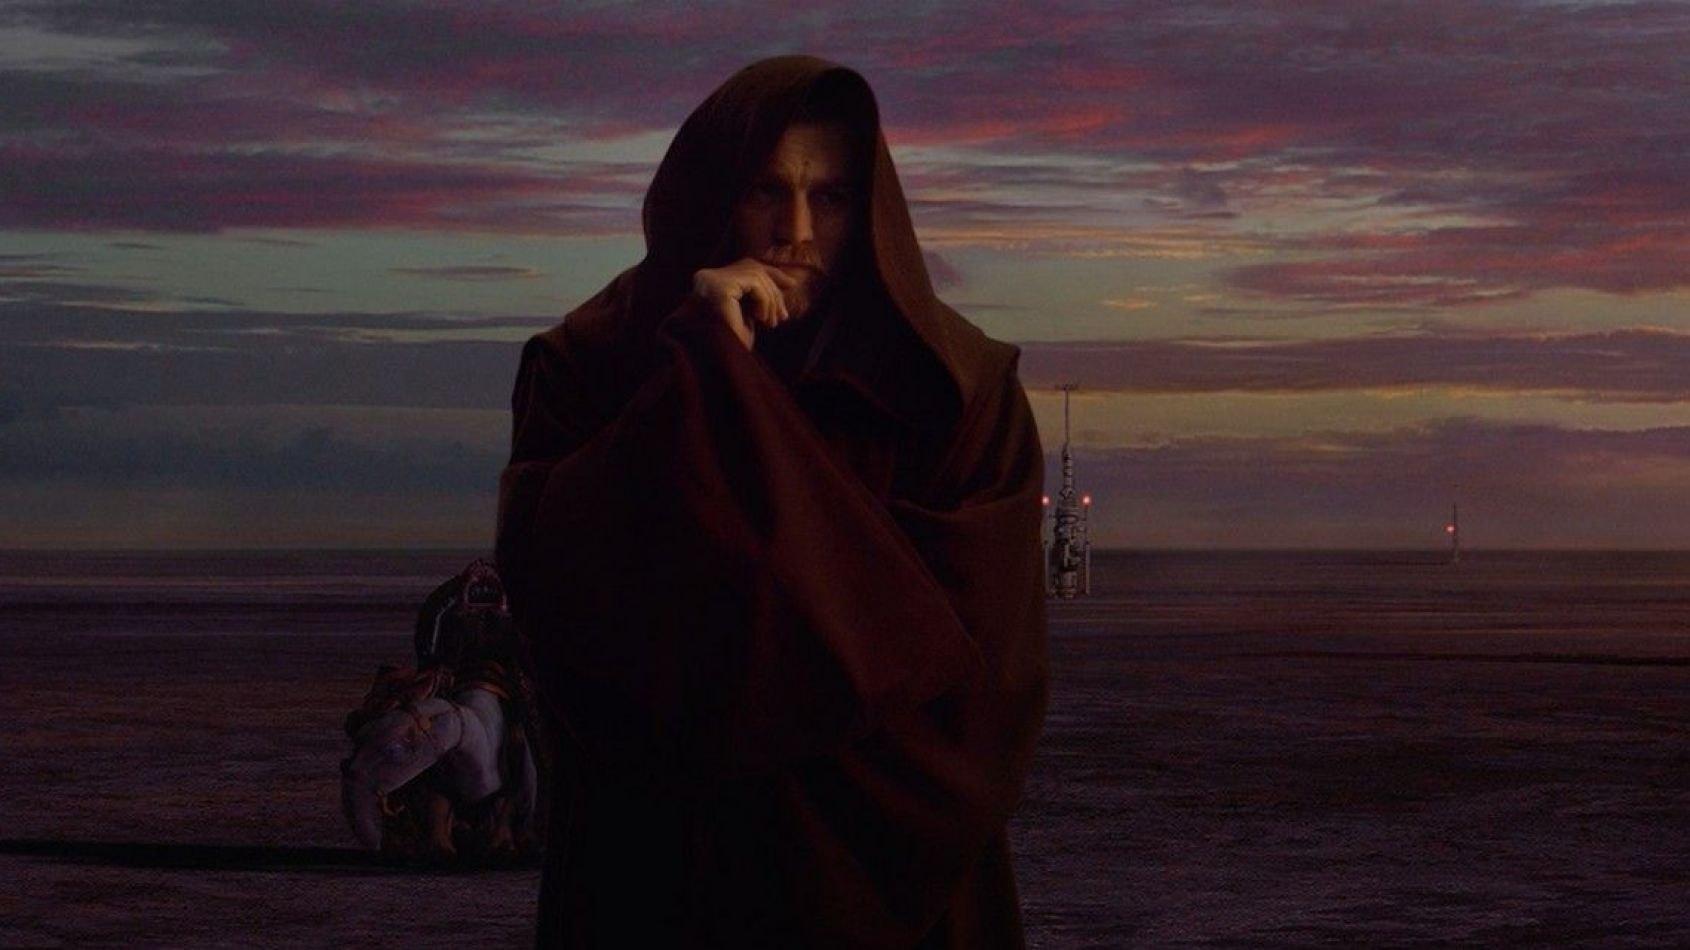 Un spin-off sur Obi Wan en production ?